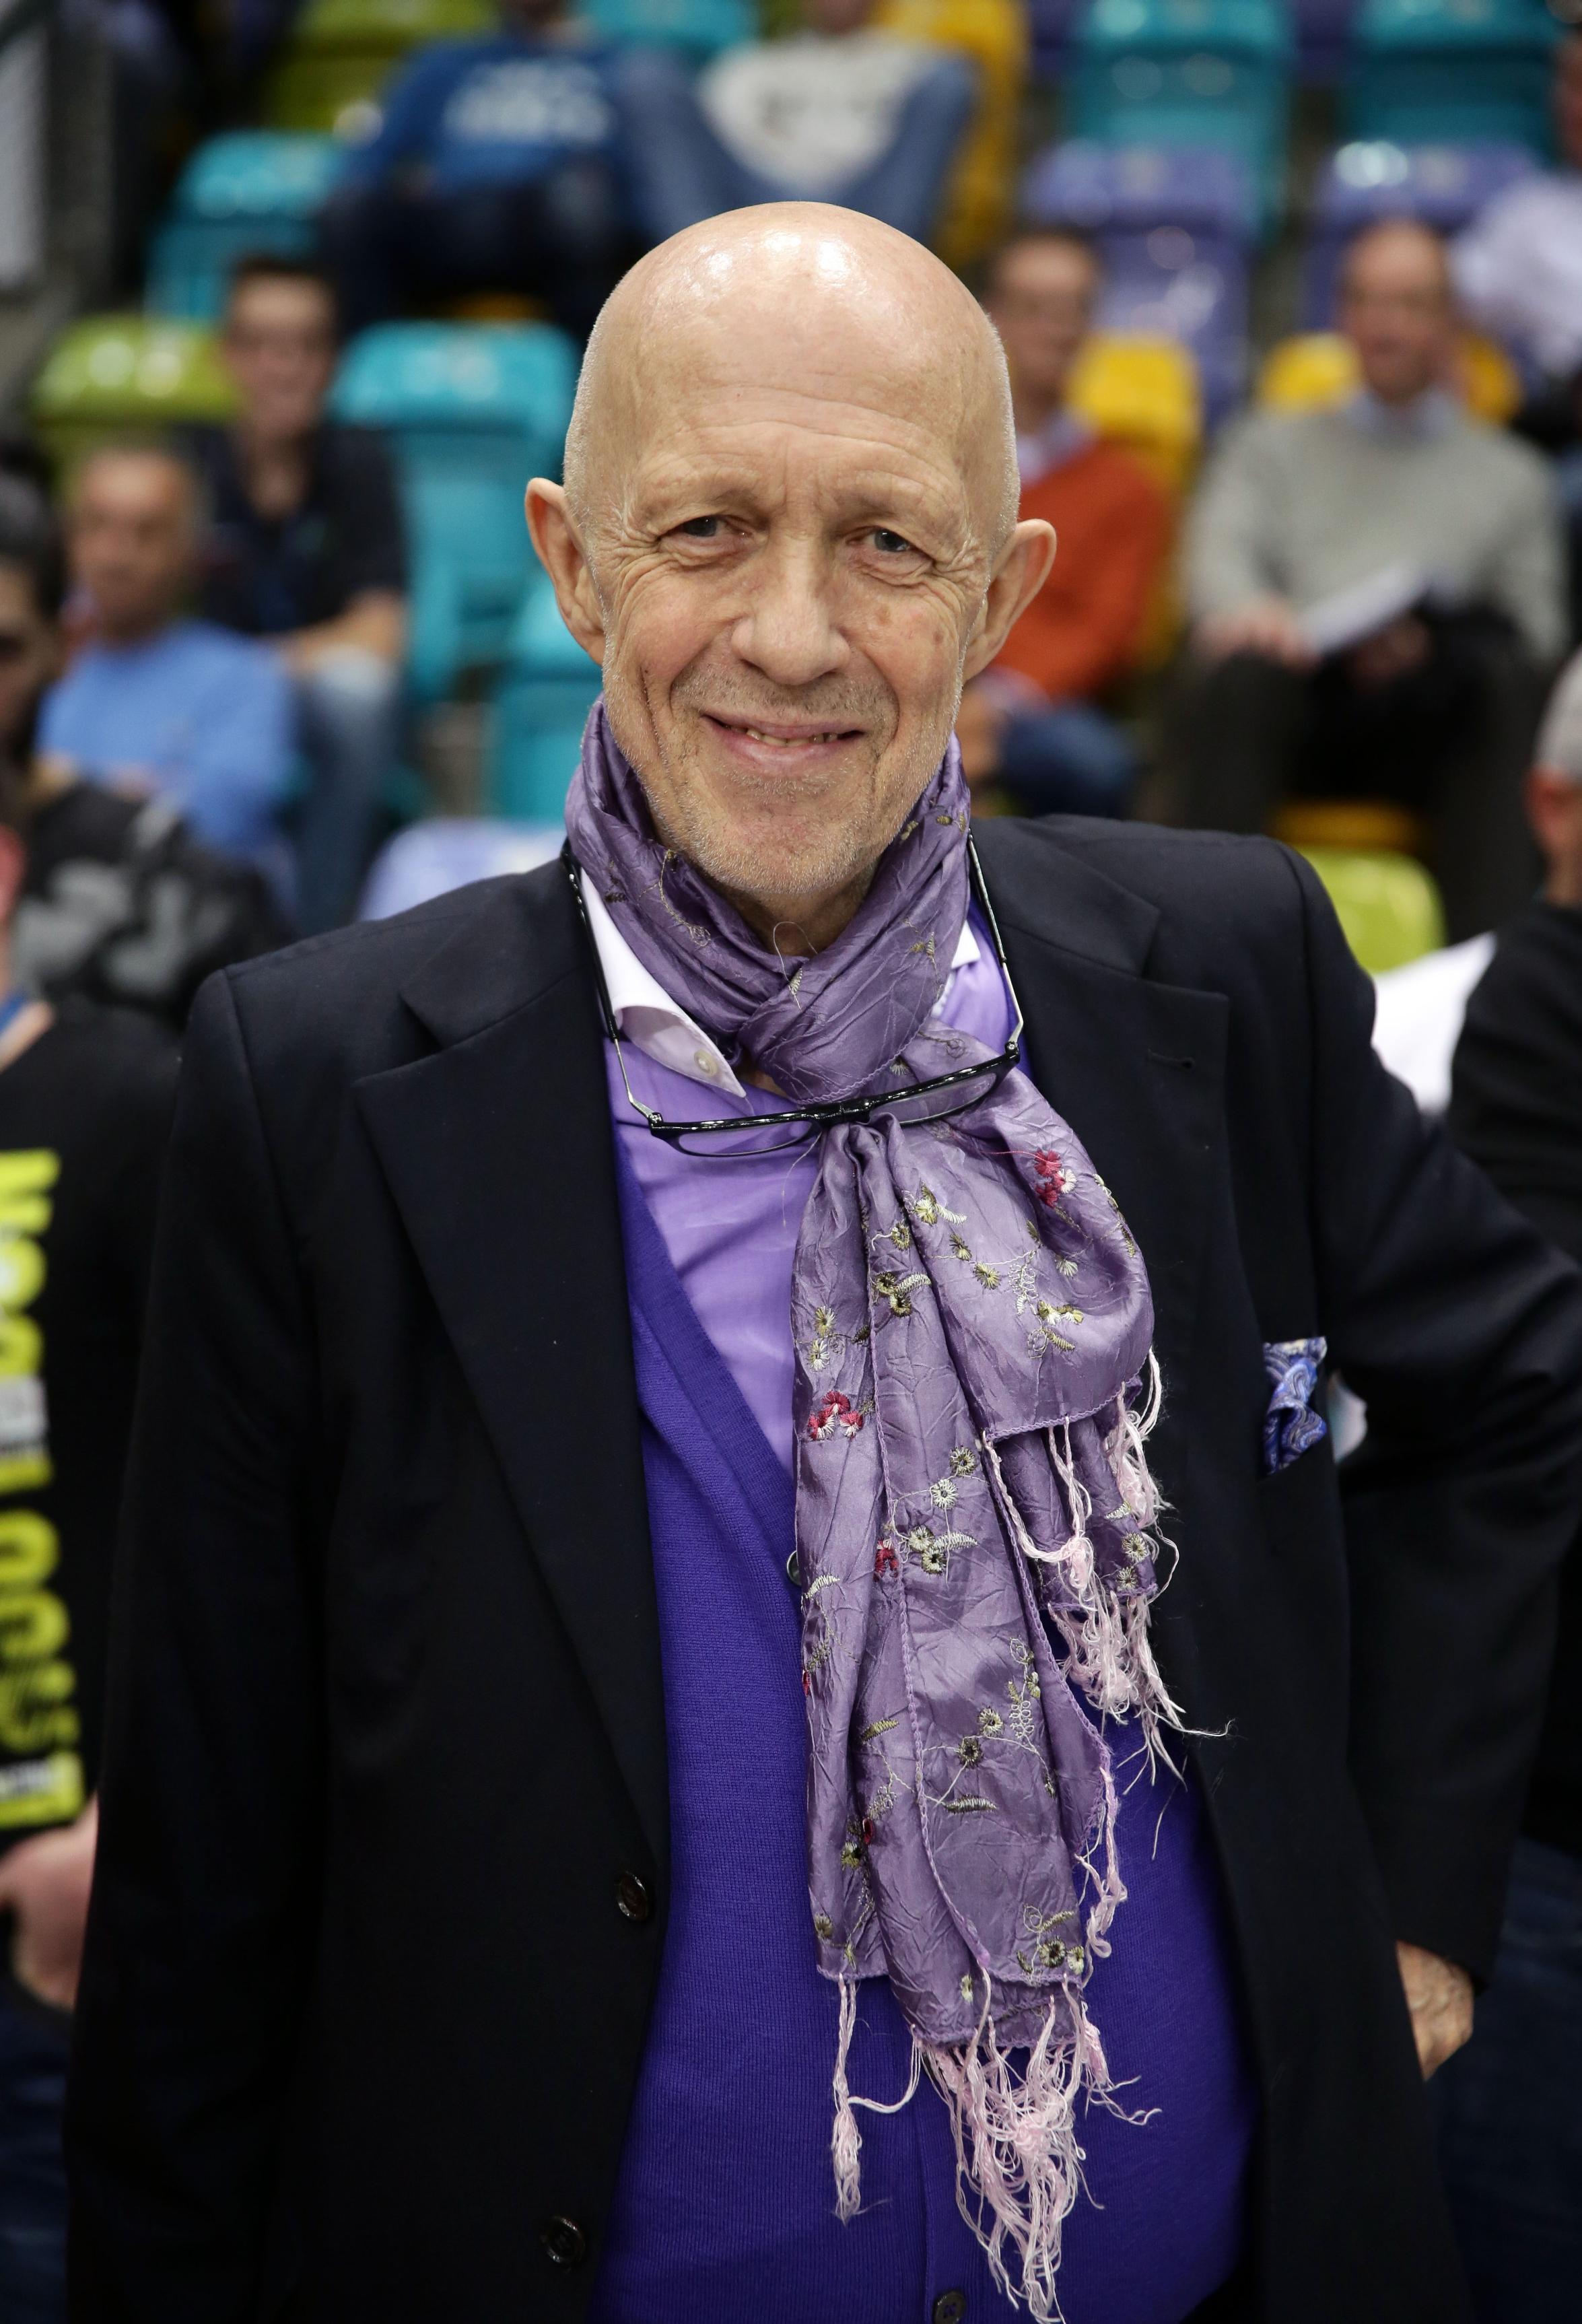 Gert Trinklein